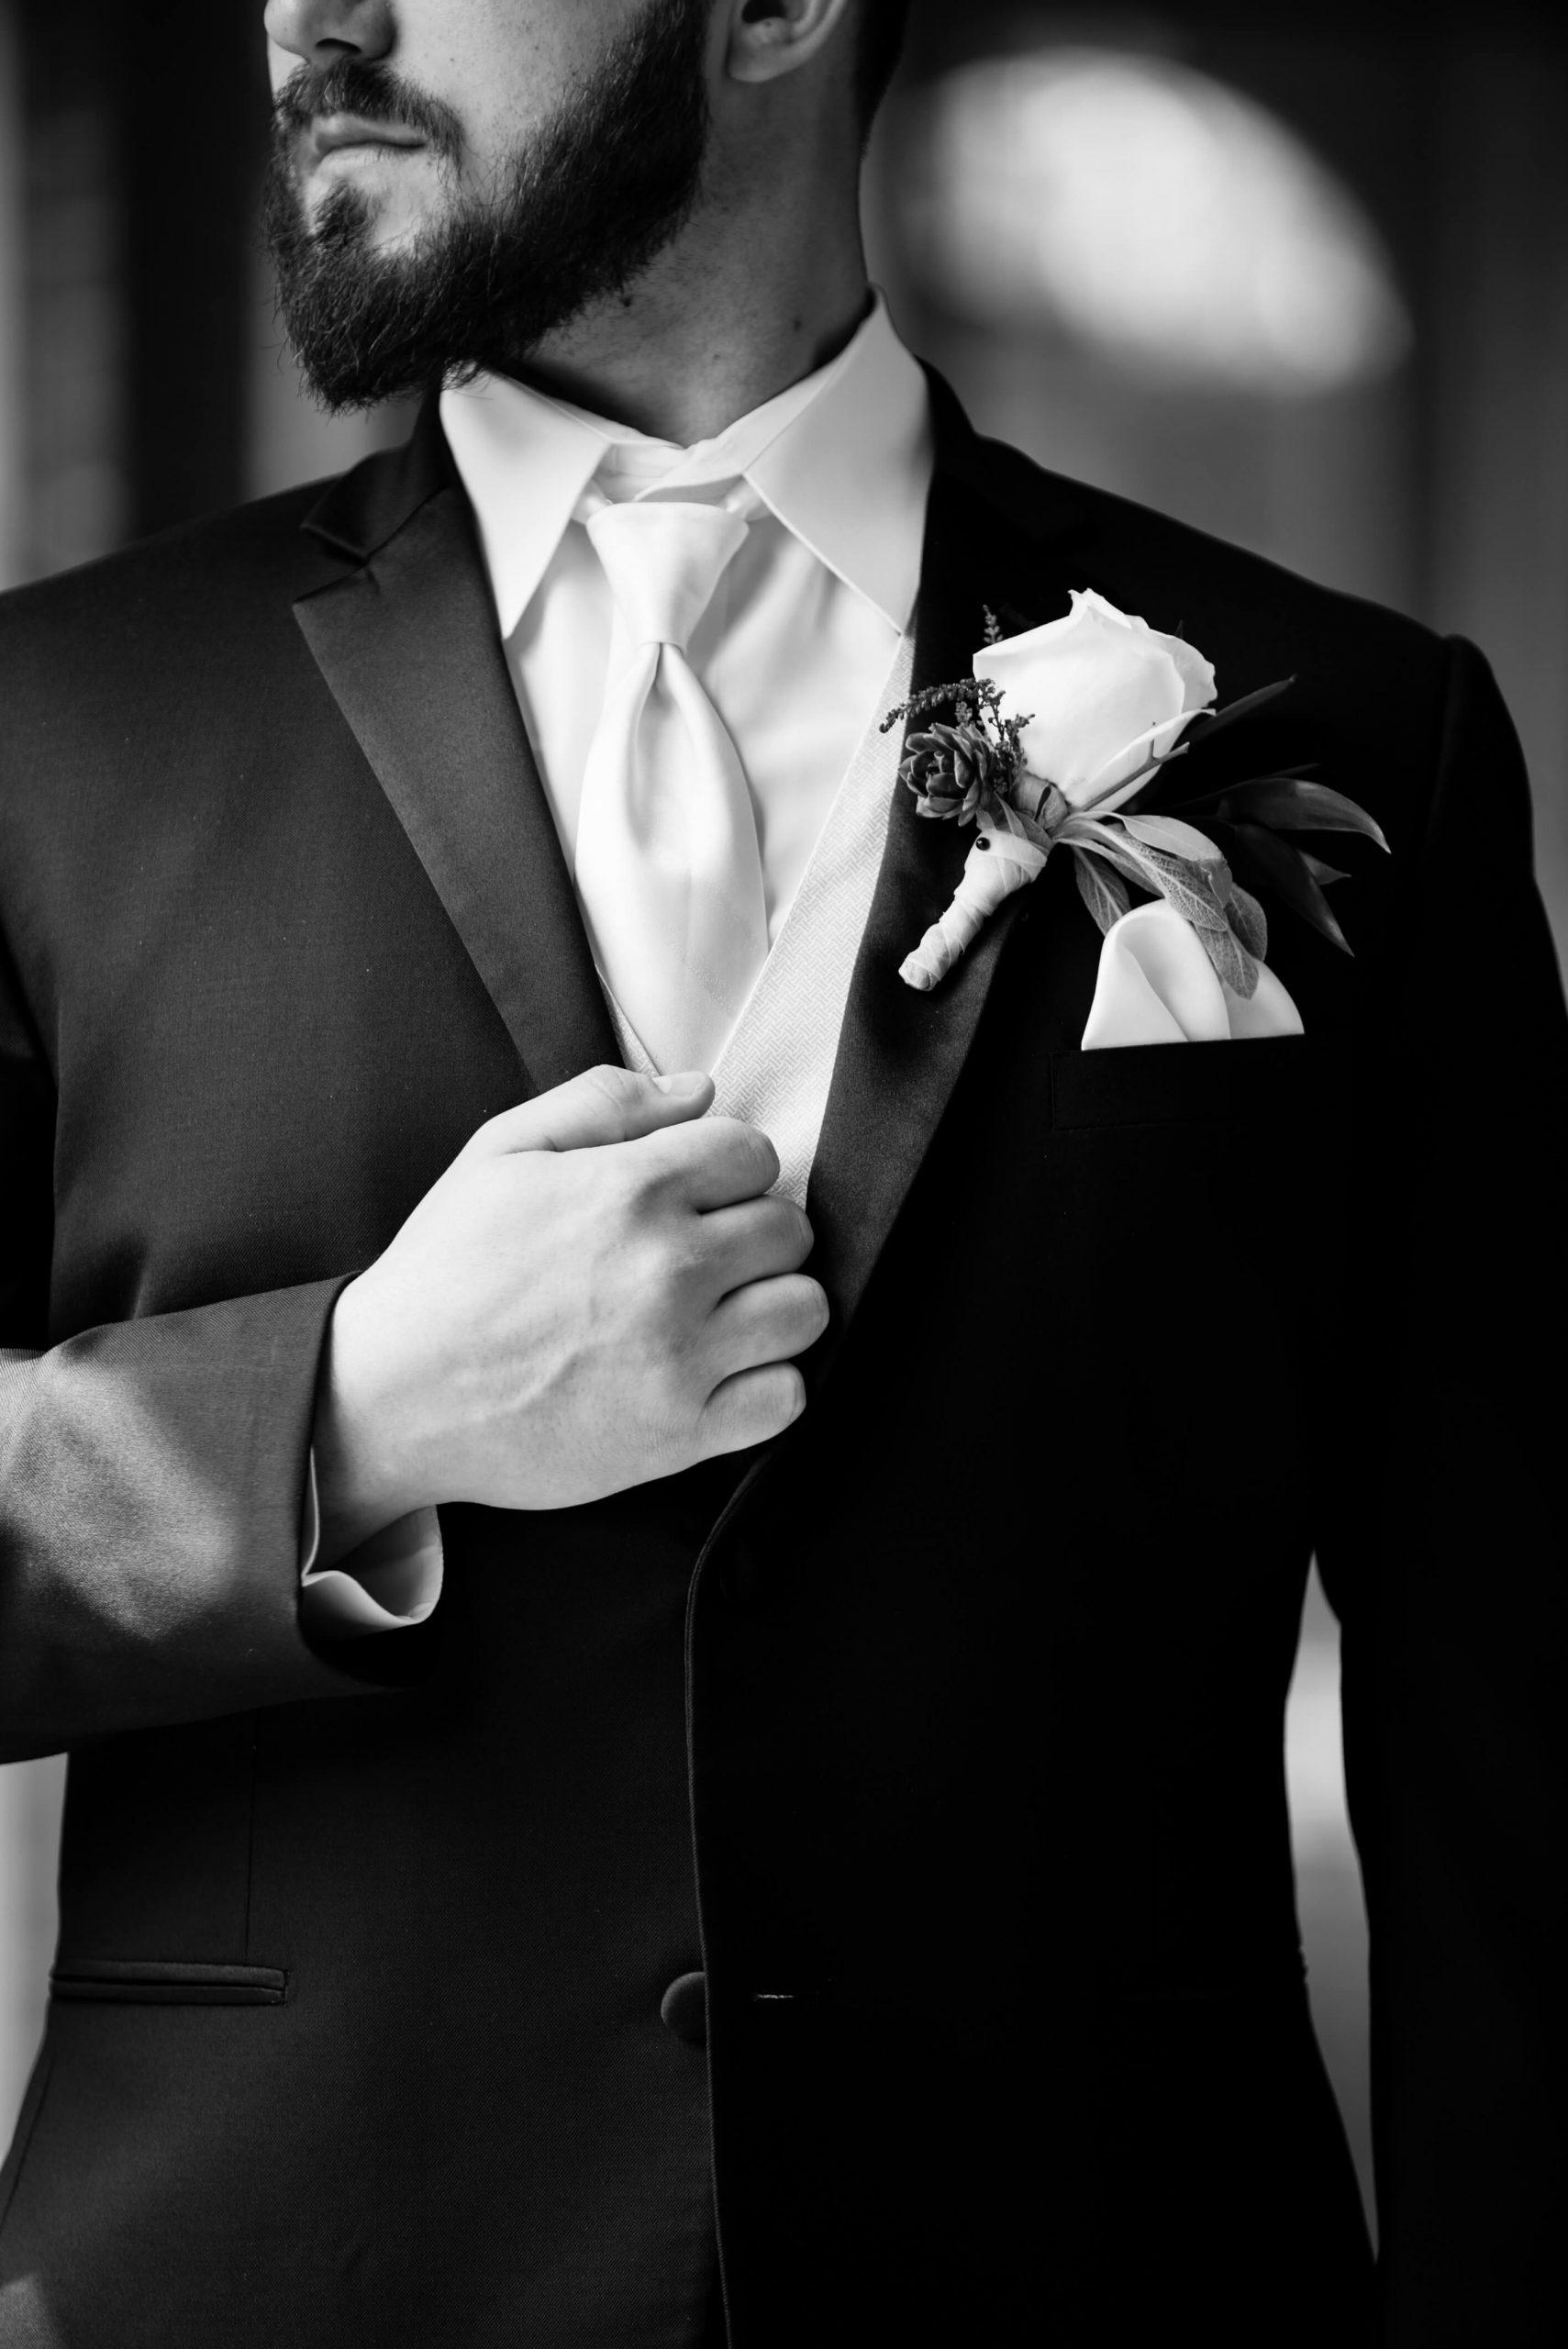 groom's menswear details